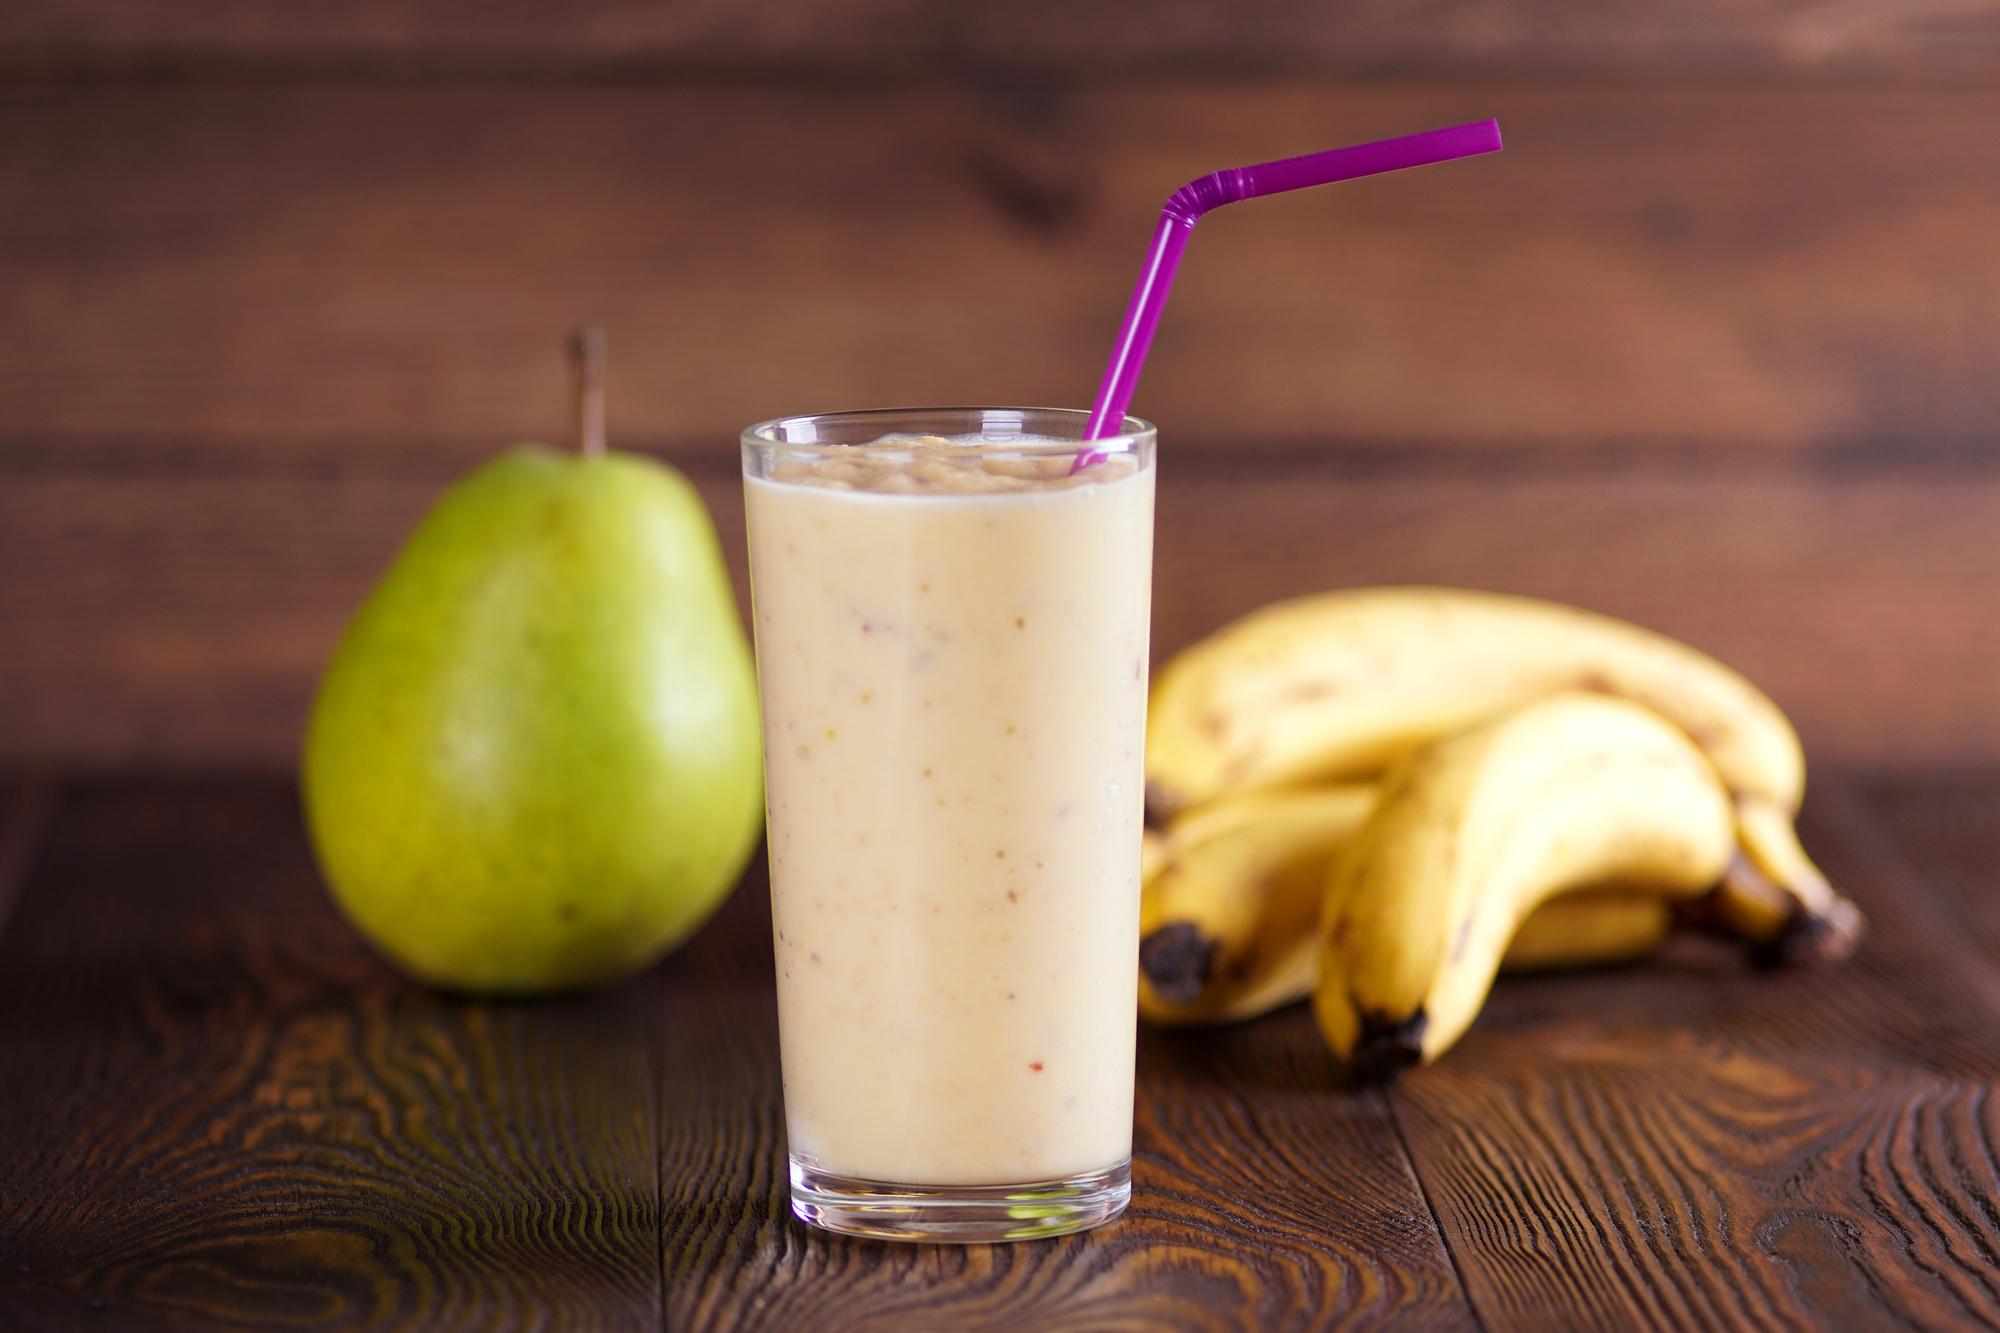 Mléčný koktejl s ovocem recept